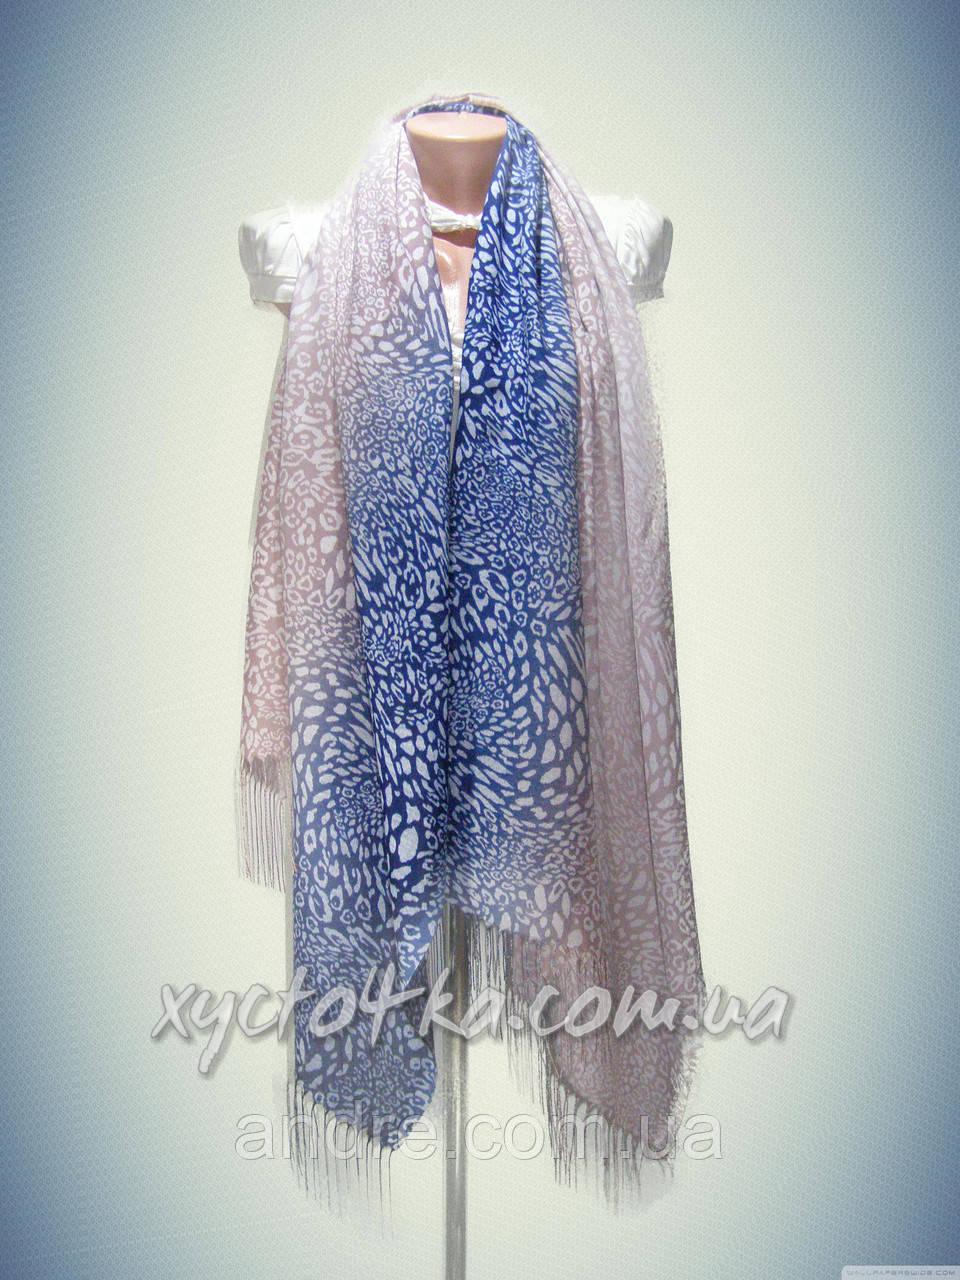 Турецкие шарфы палантины леопардовый принт